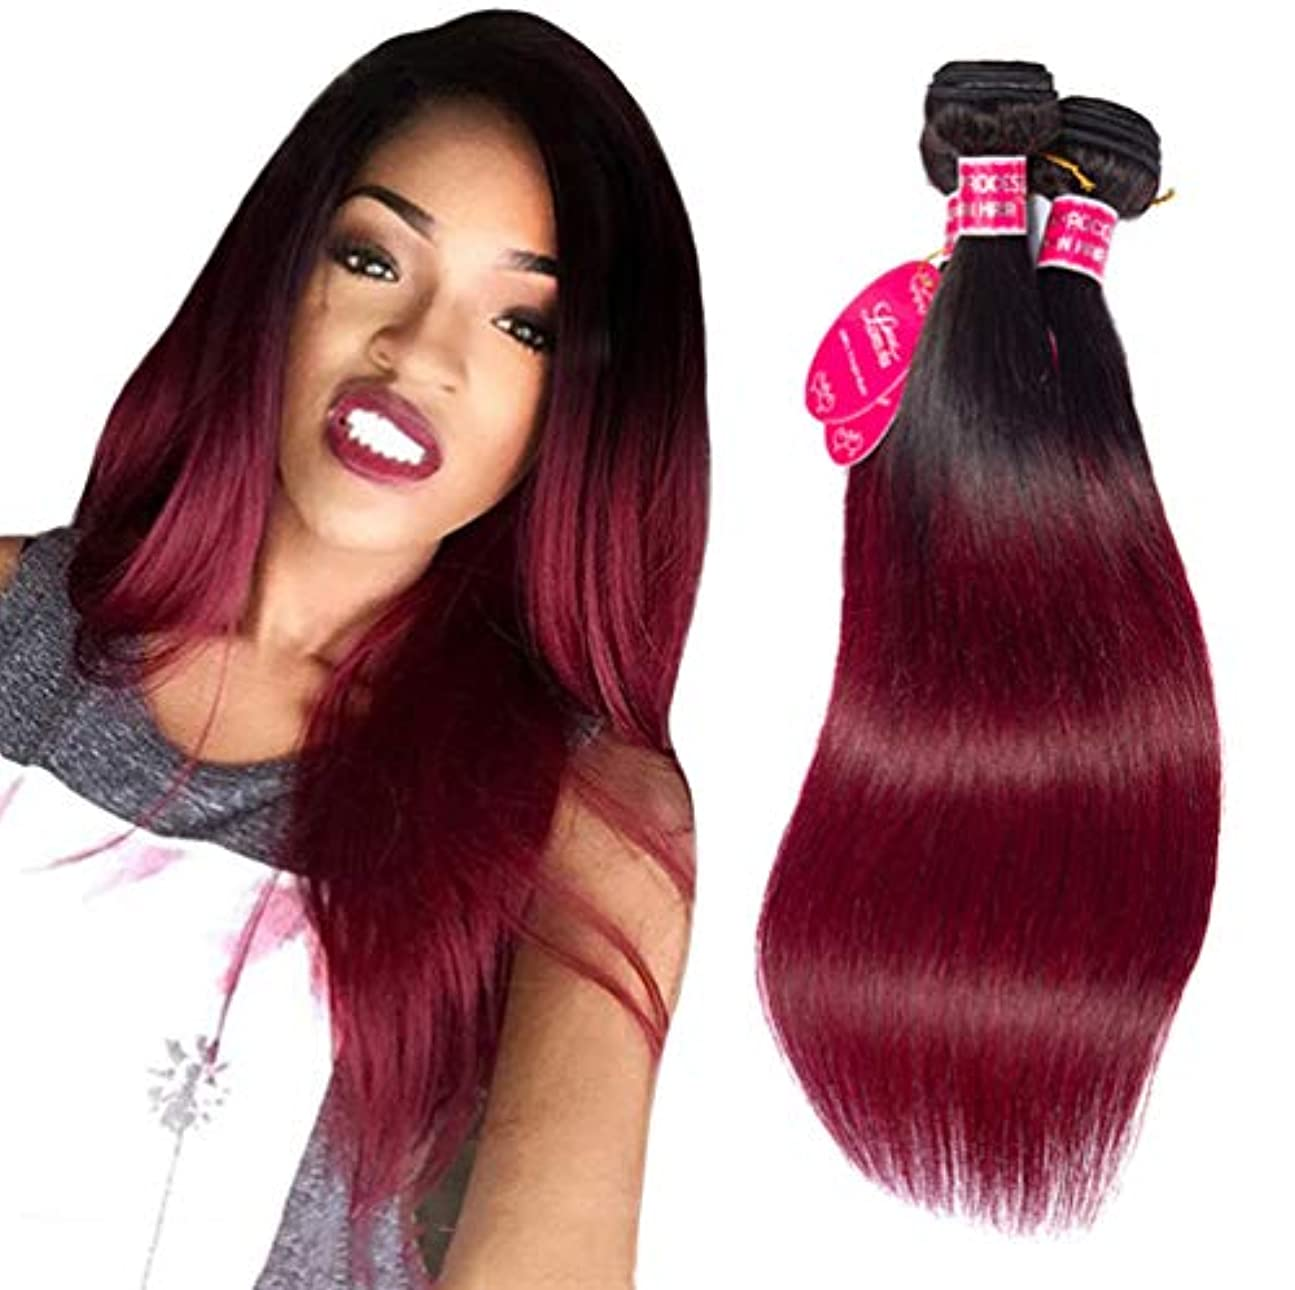 個人的に非常に怒っています準備した女性の髪織りブラジルストレート未処理バージン人毛100%人毛横糸自然織りバンドル(3バンドル)